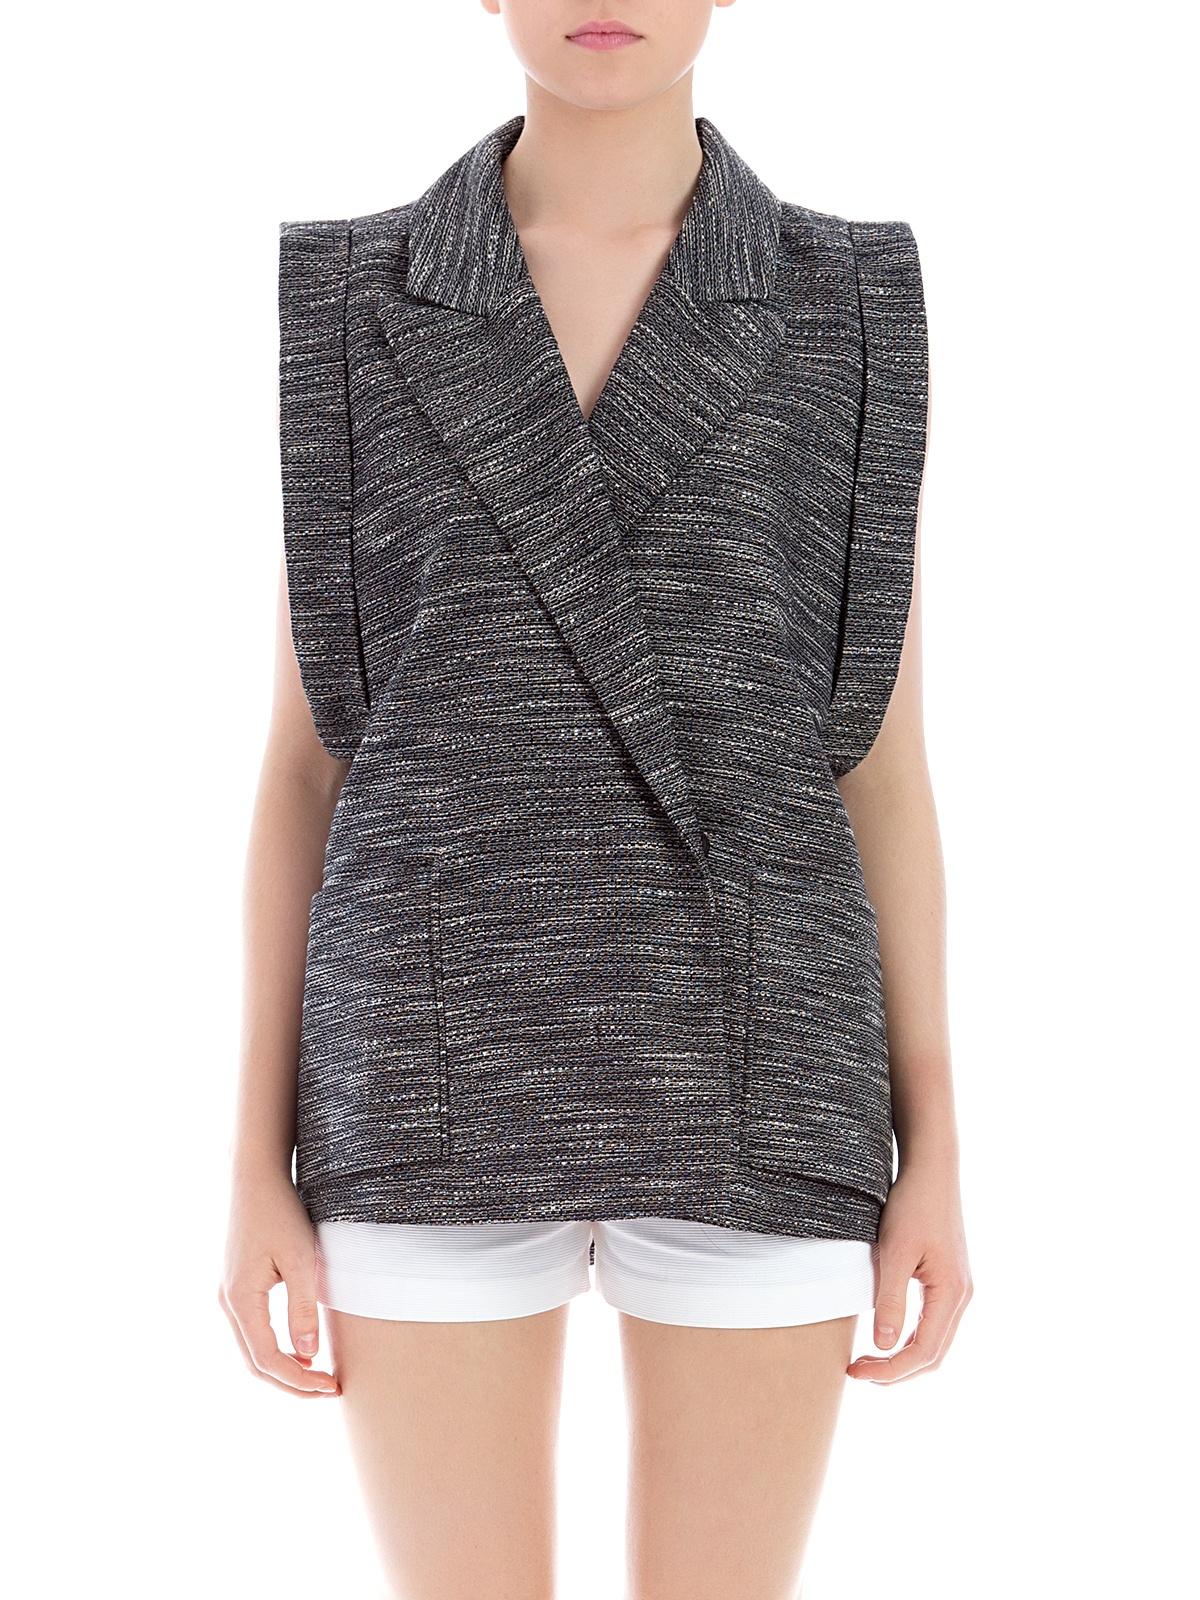 Carin Wester | Amalia Oversized Grey Tweed Vest | GIRISSIMA.COM